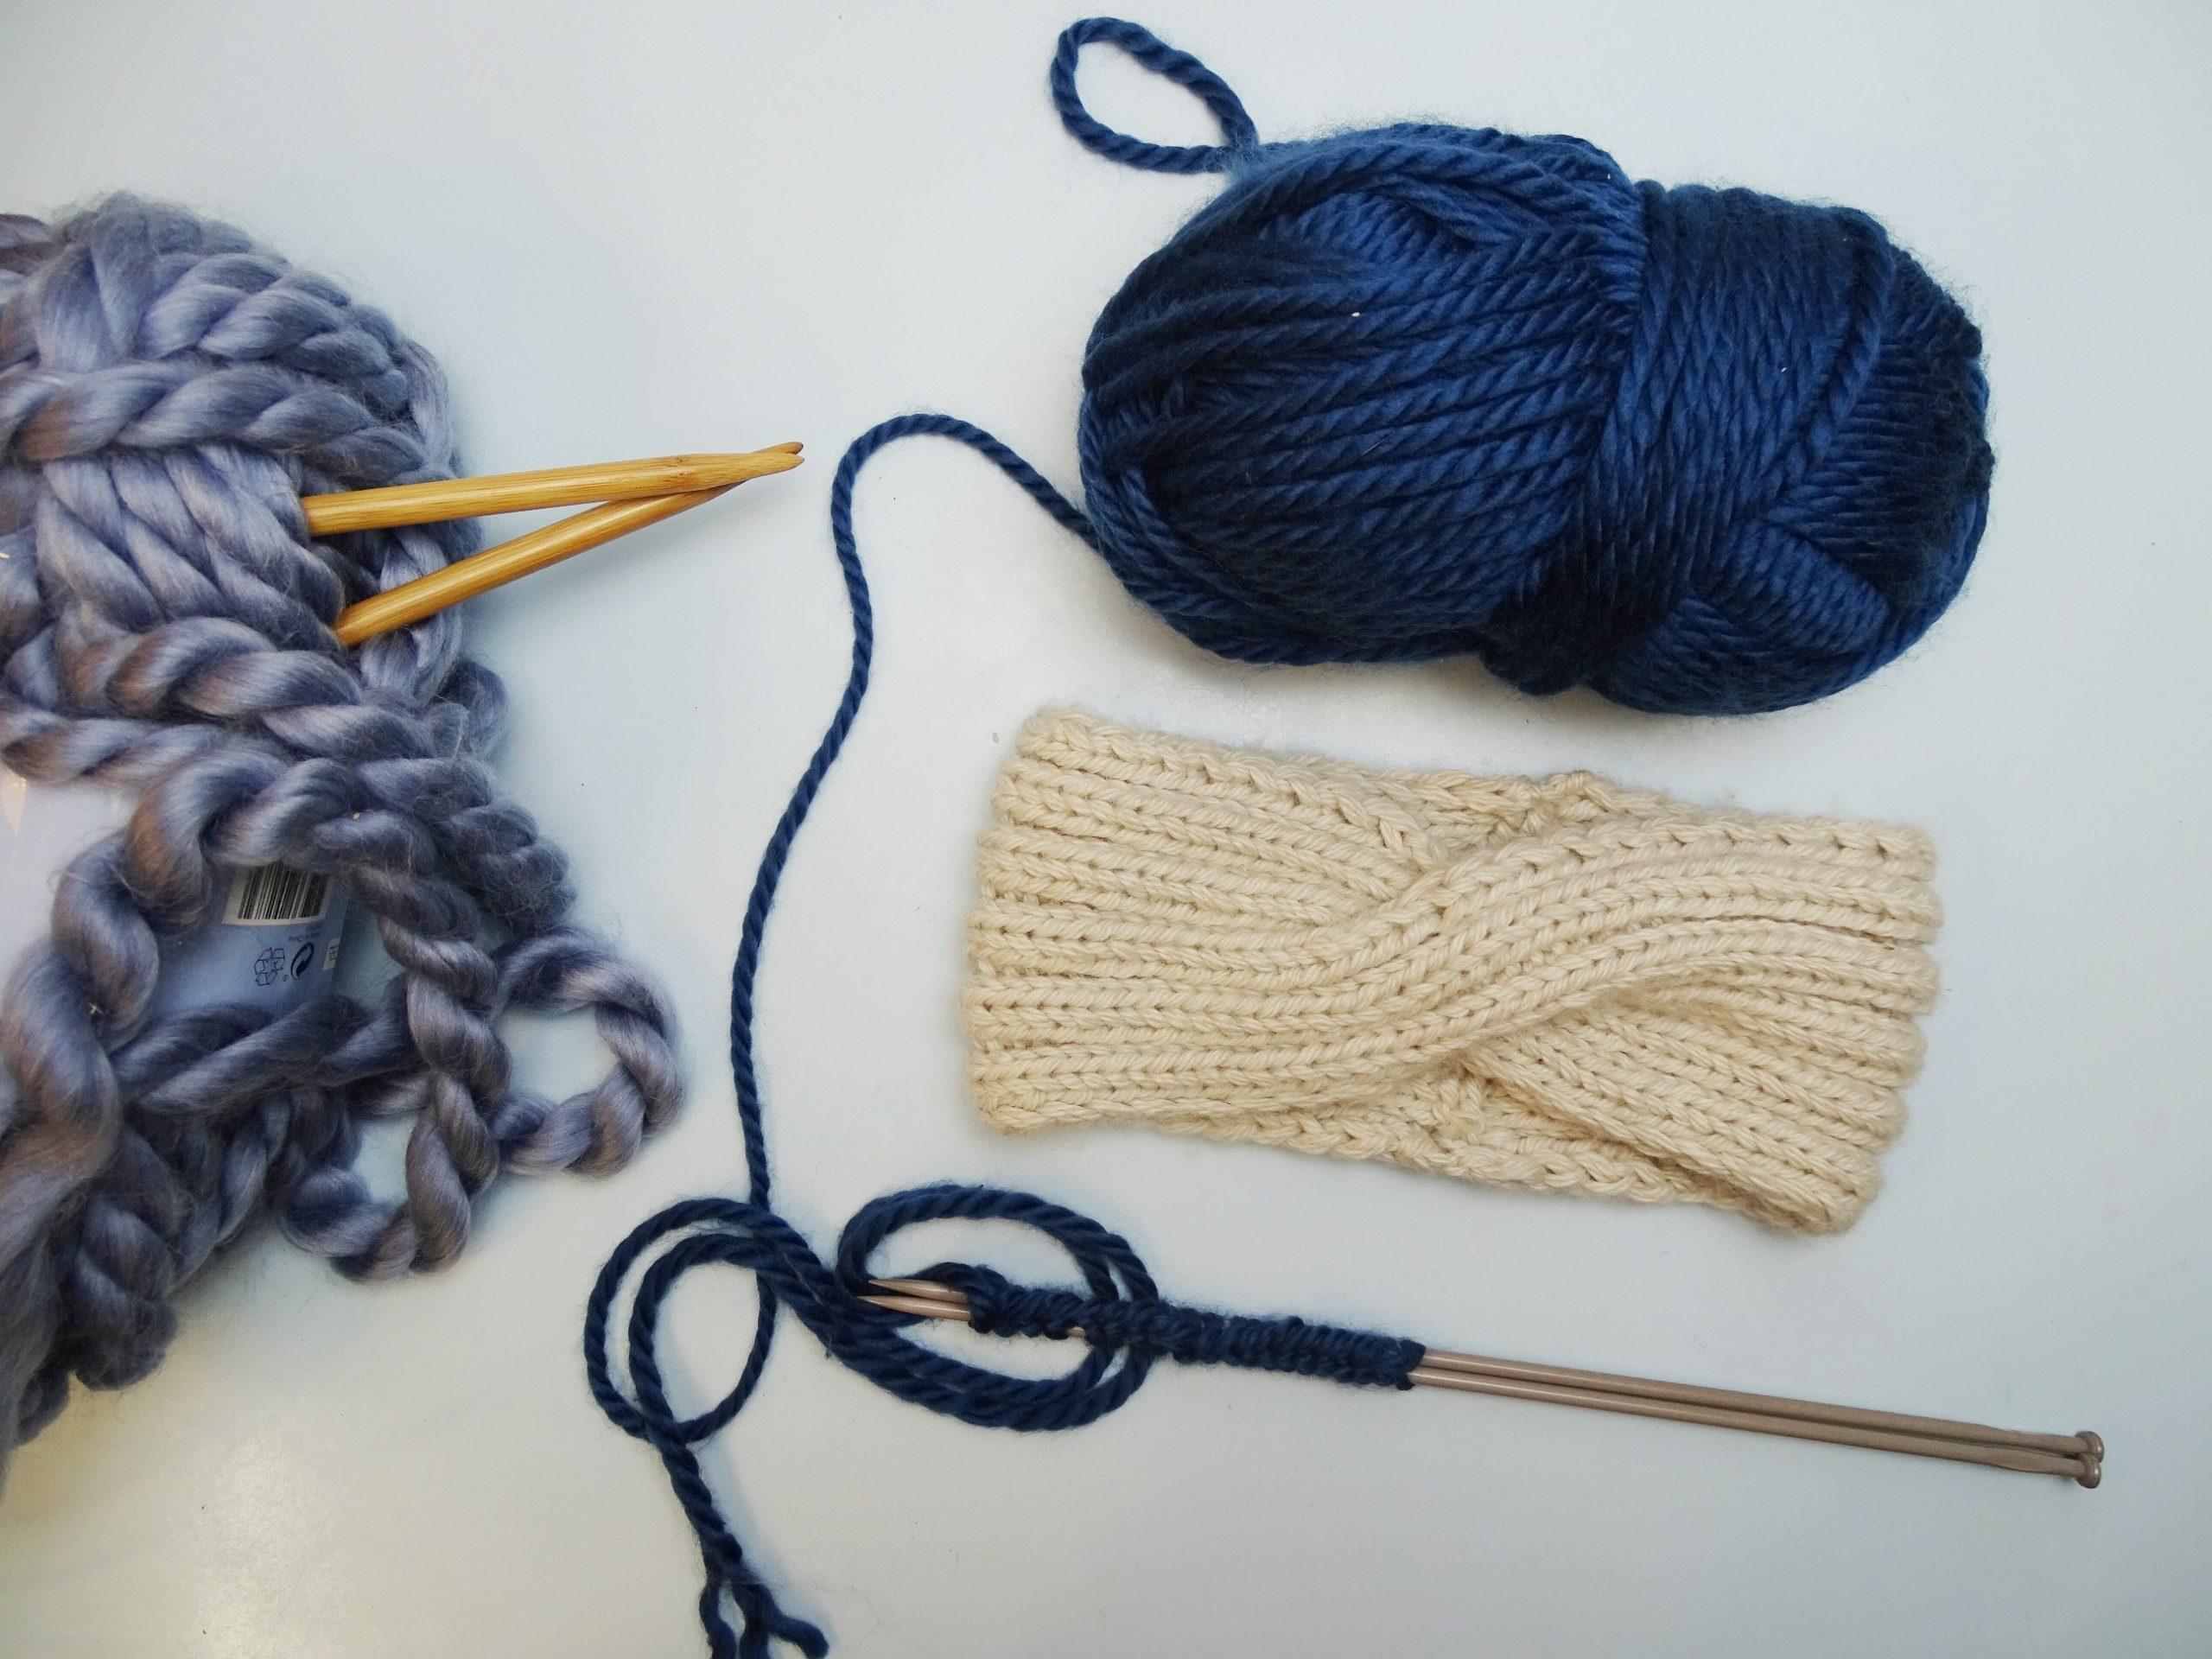 Stirnband mit Knoten stricken: Kostenlose DIY-Anleitung einfach erklärt